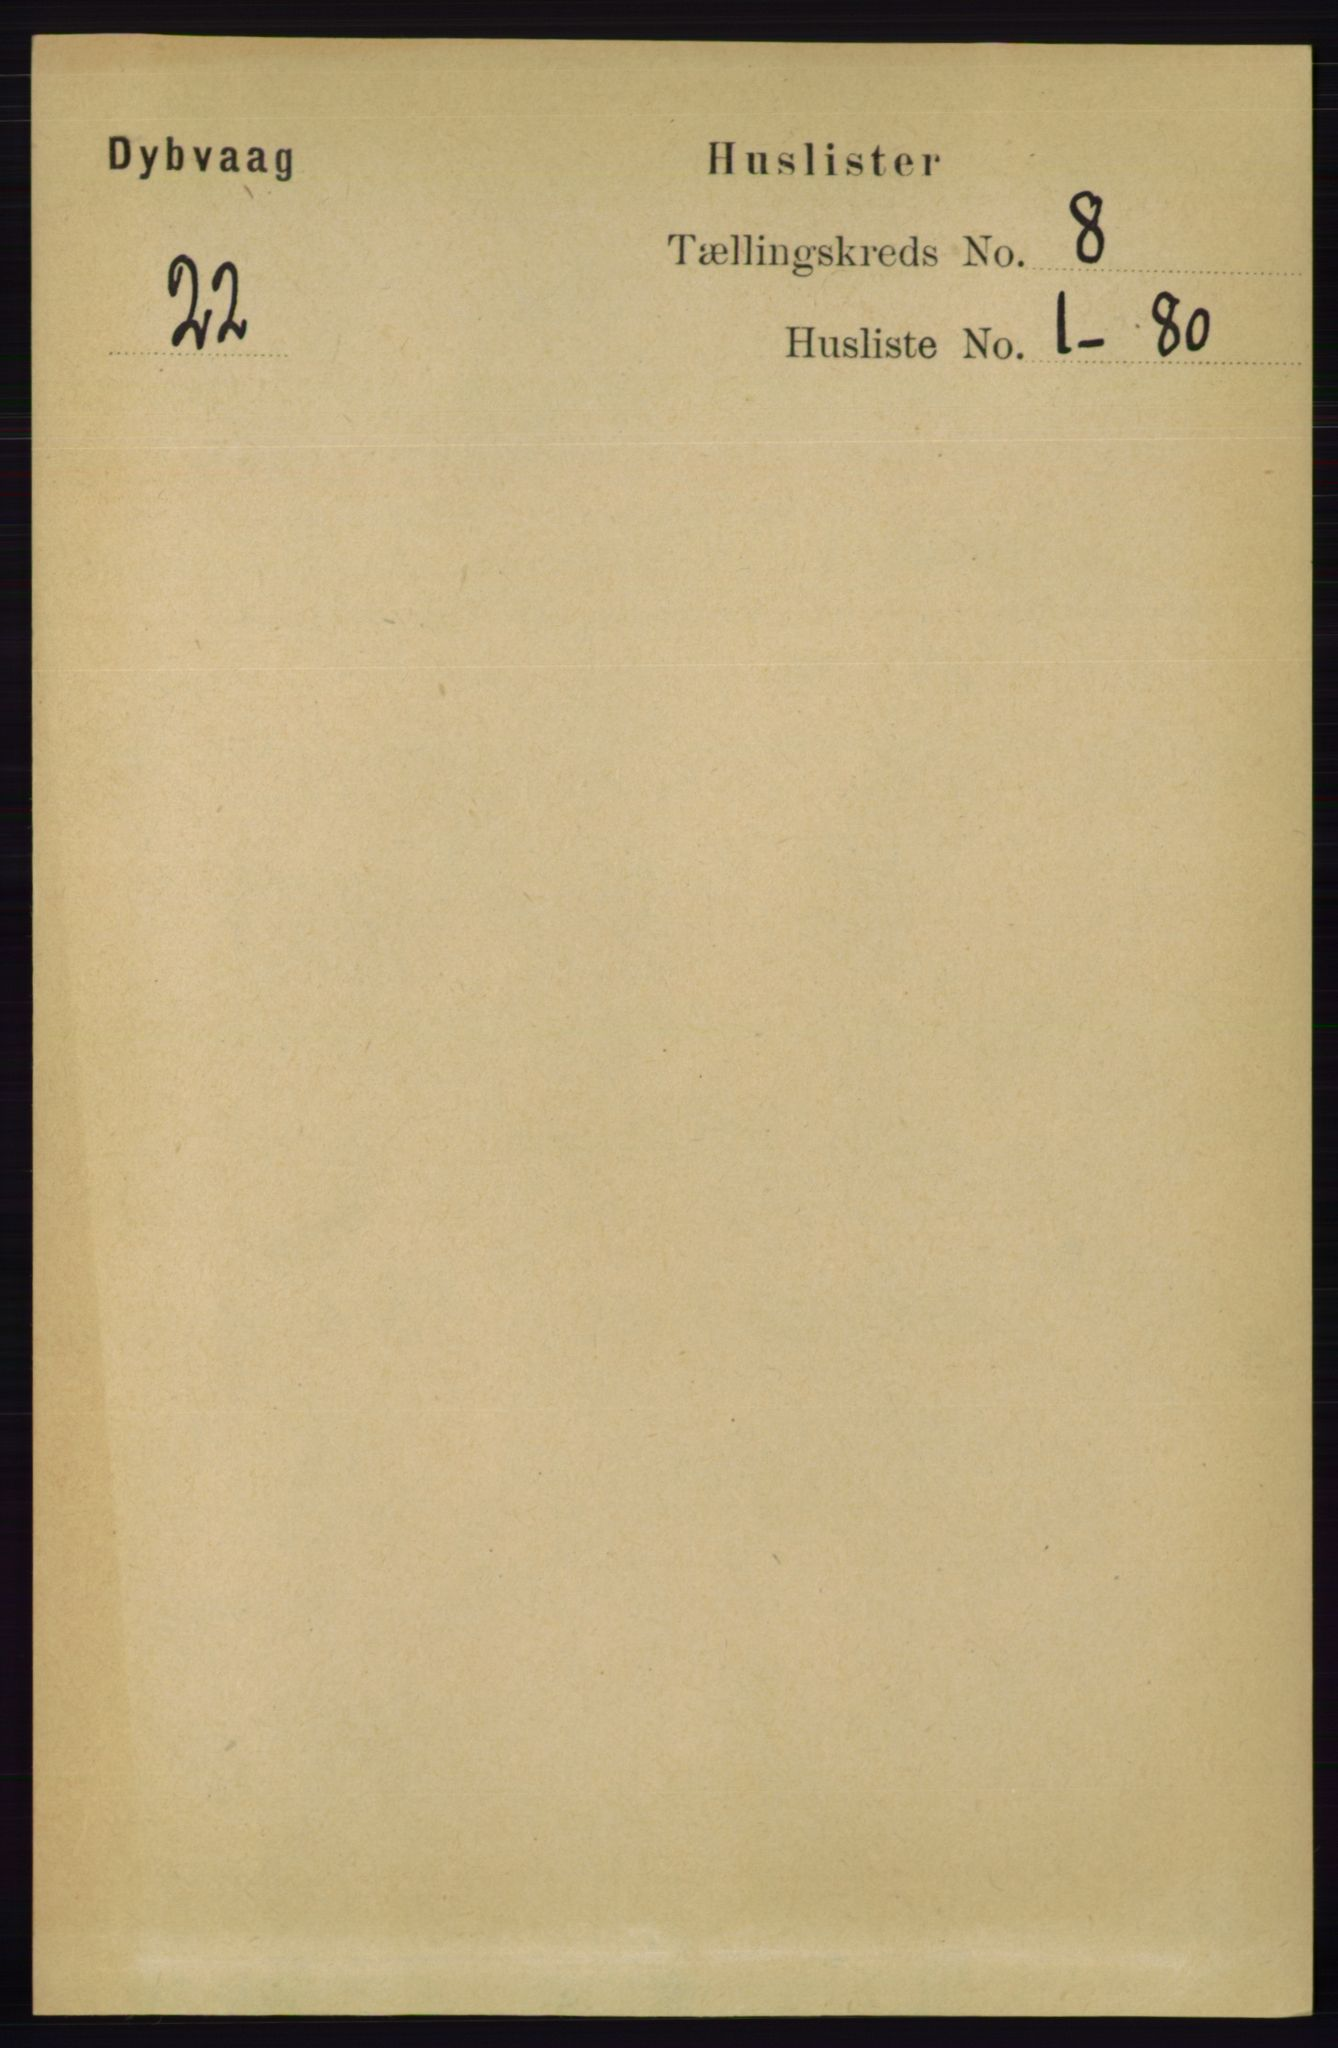 RA, Folketelling 1891 for 0915 Dypvåg herred, 1891, s. 2642